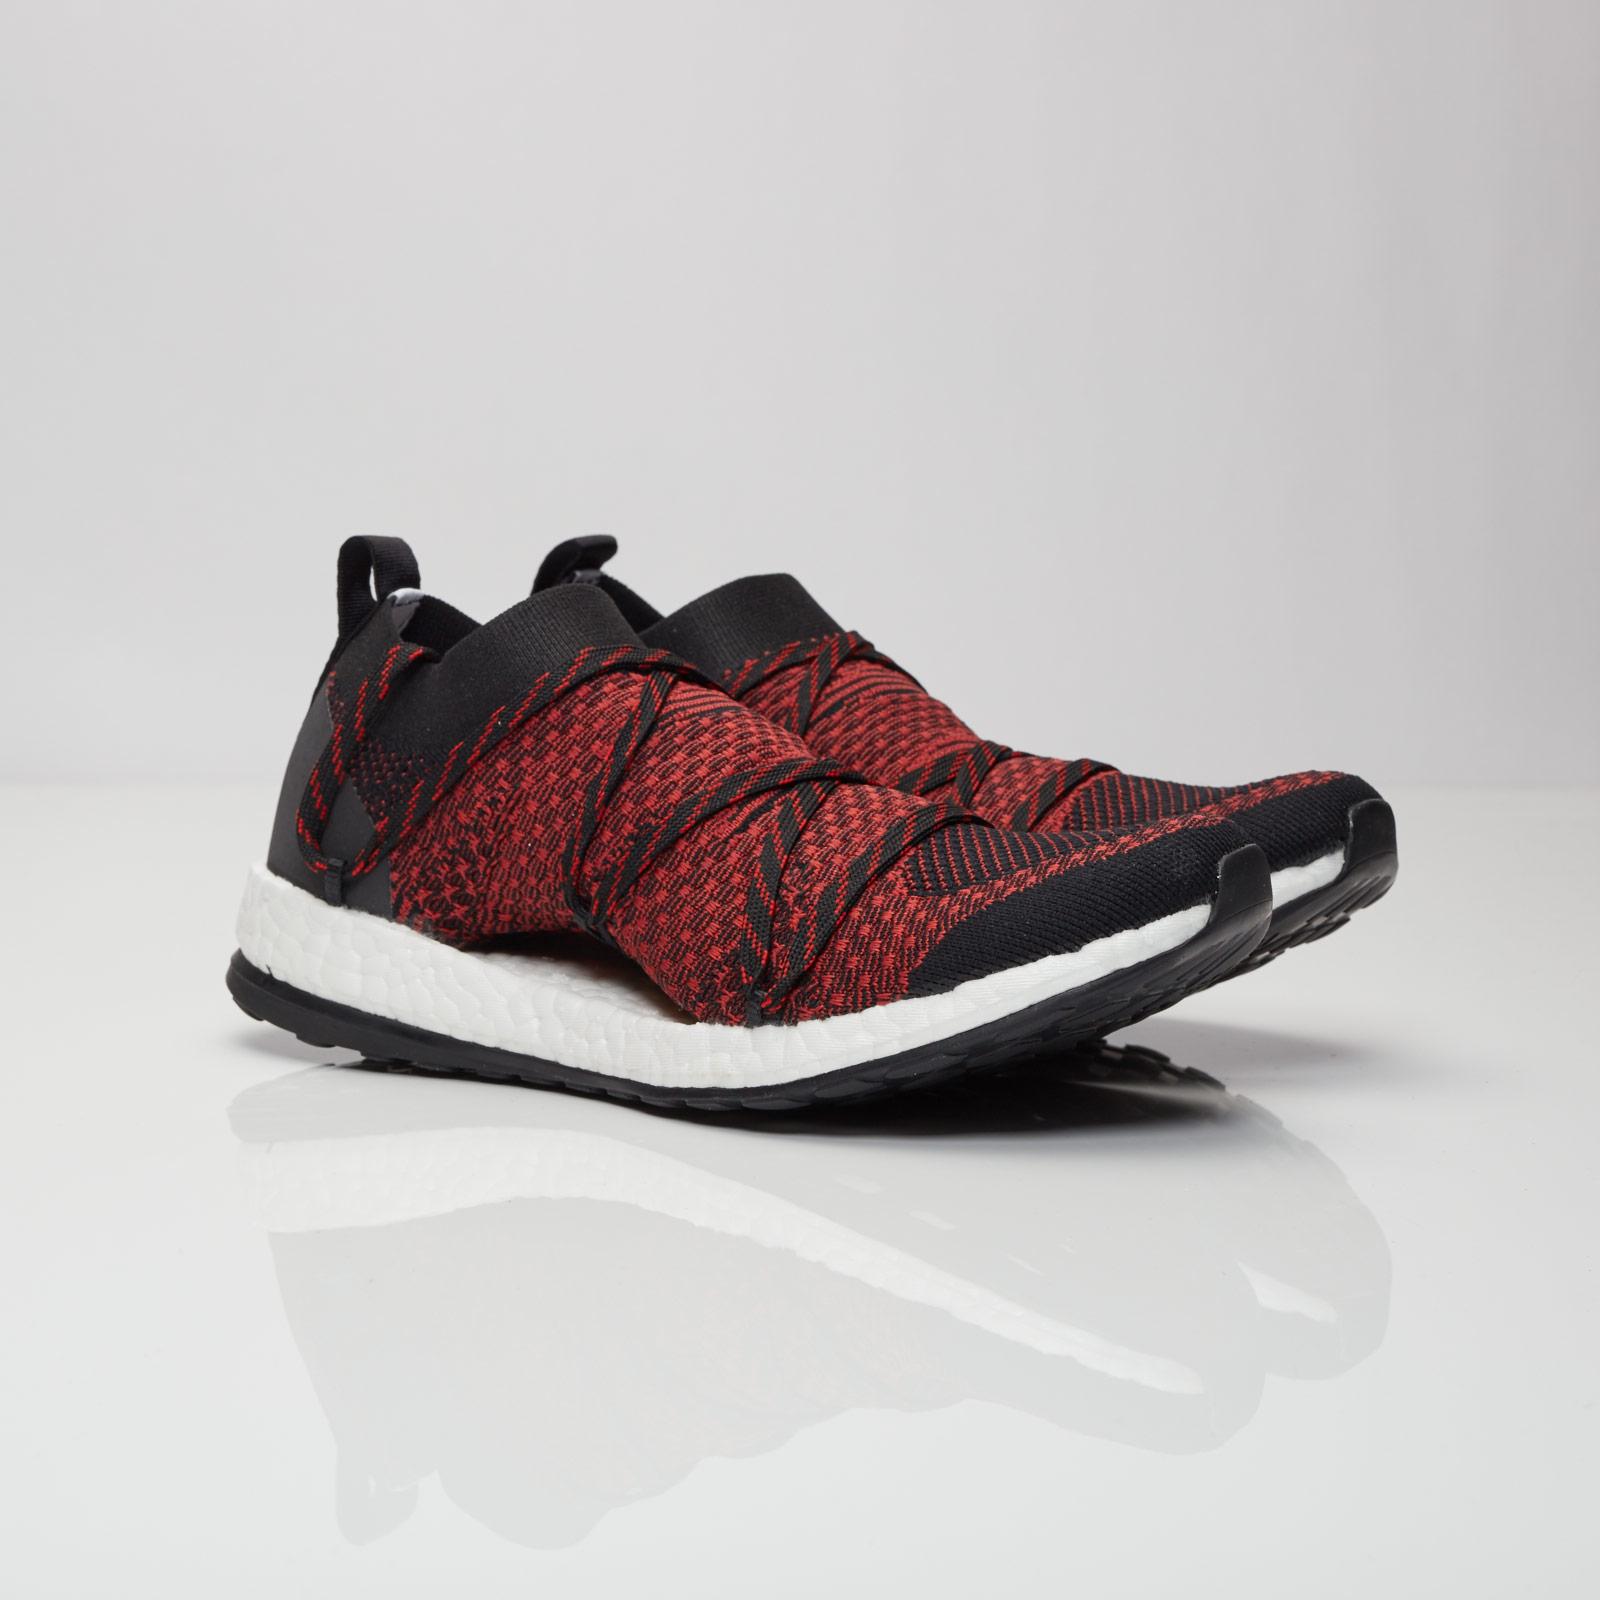 c75244153 adidas Pureboost X - Aq3709 - Sneakersnstuff